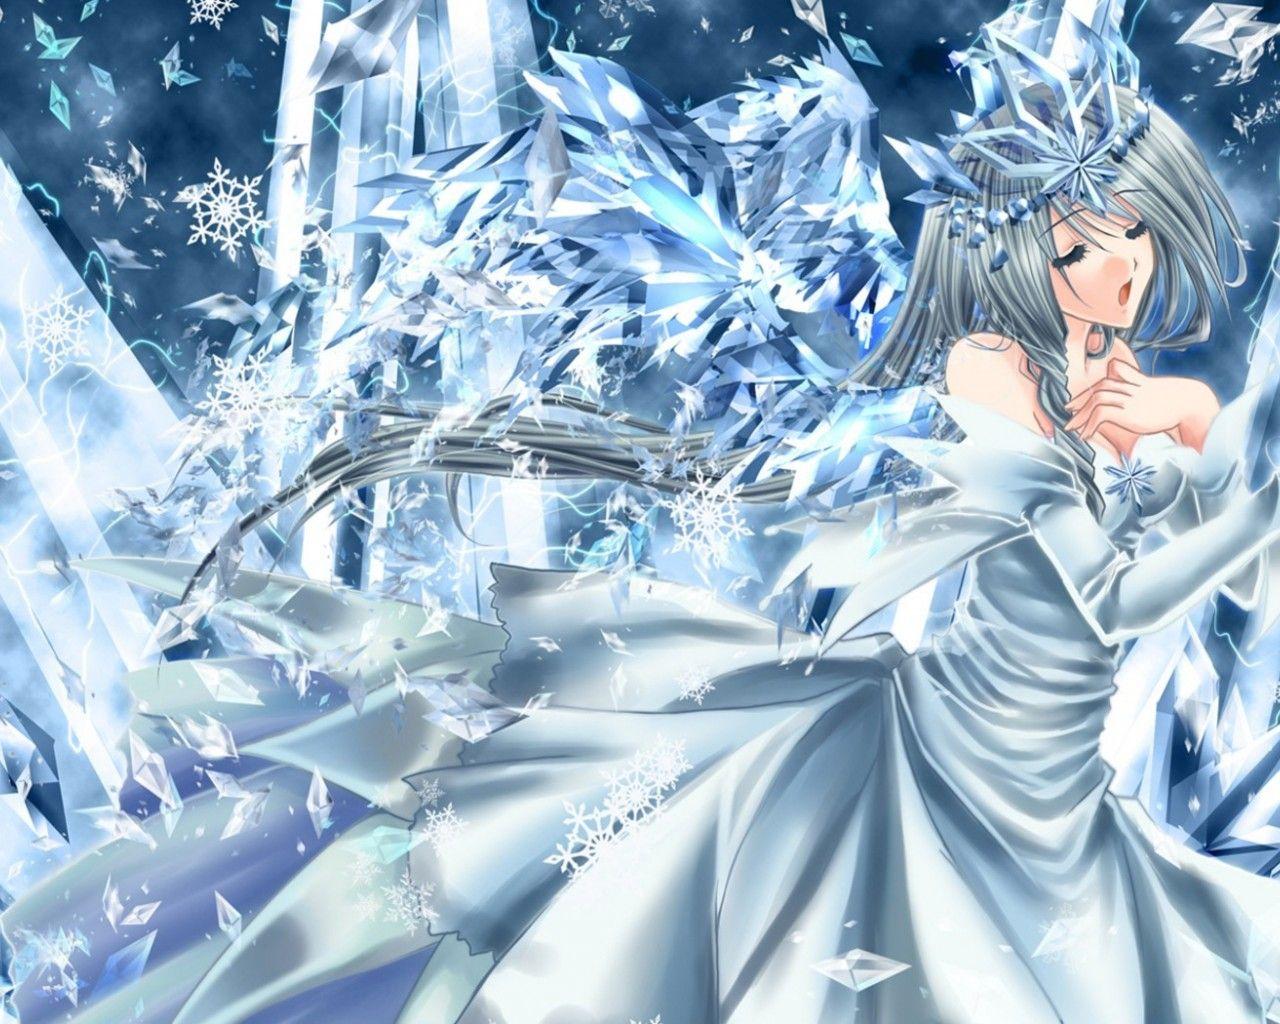 Anime Ice Princess